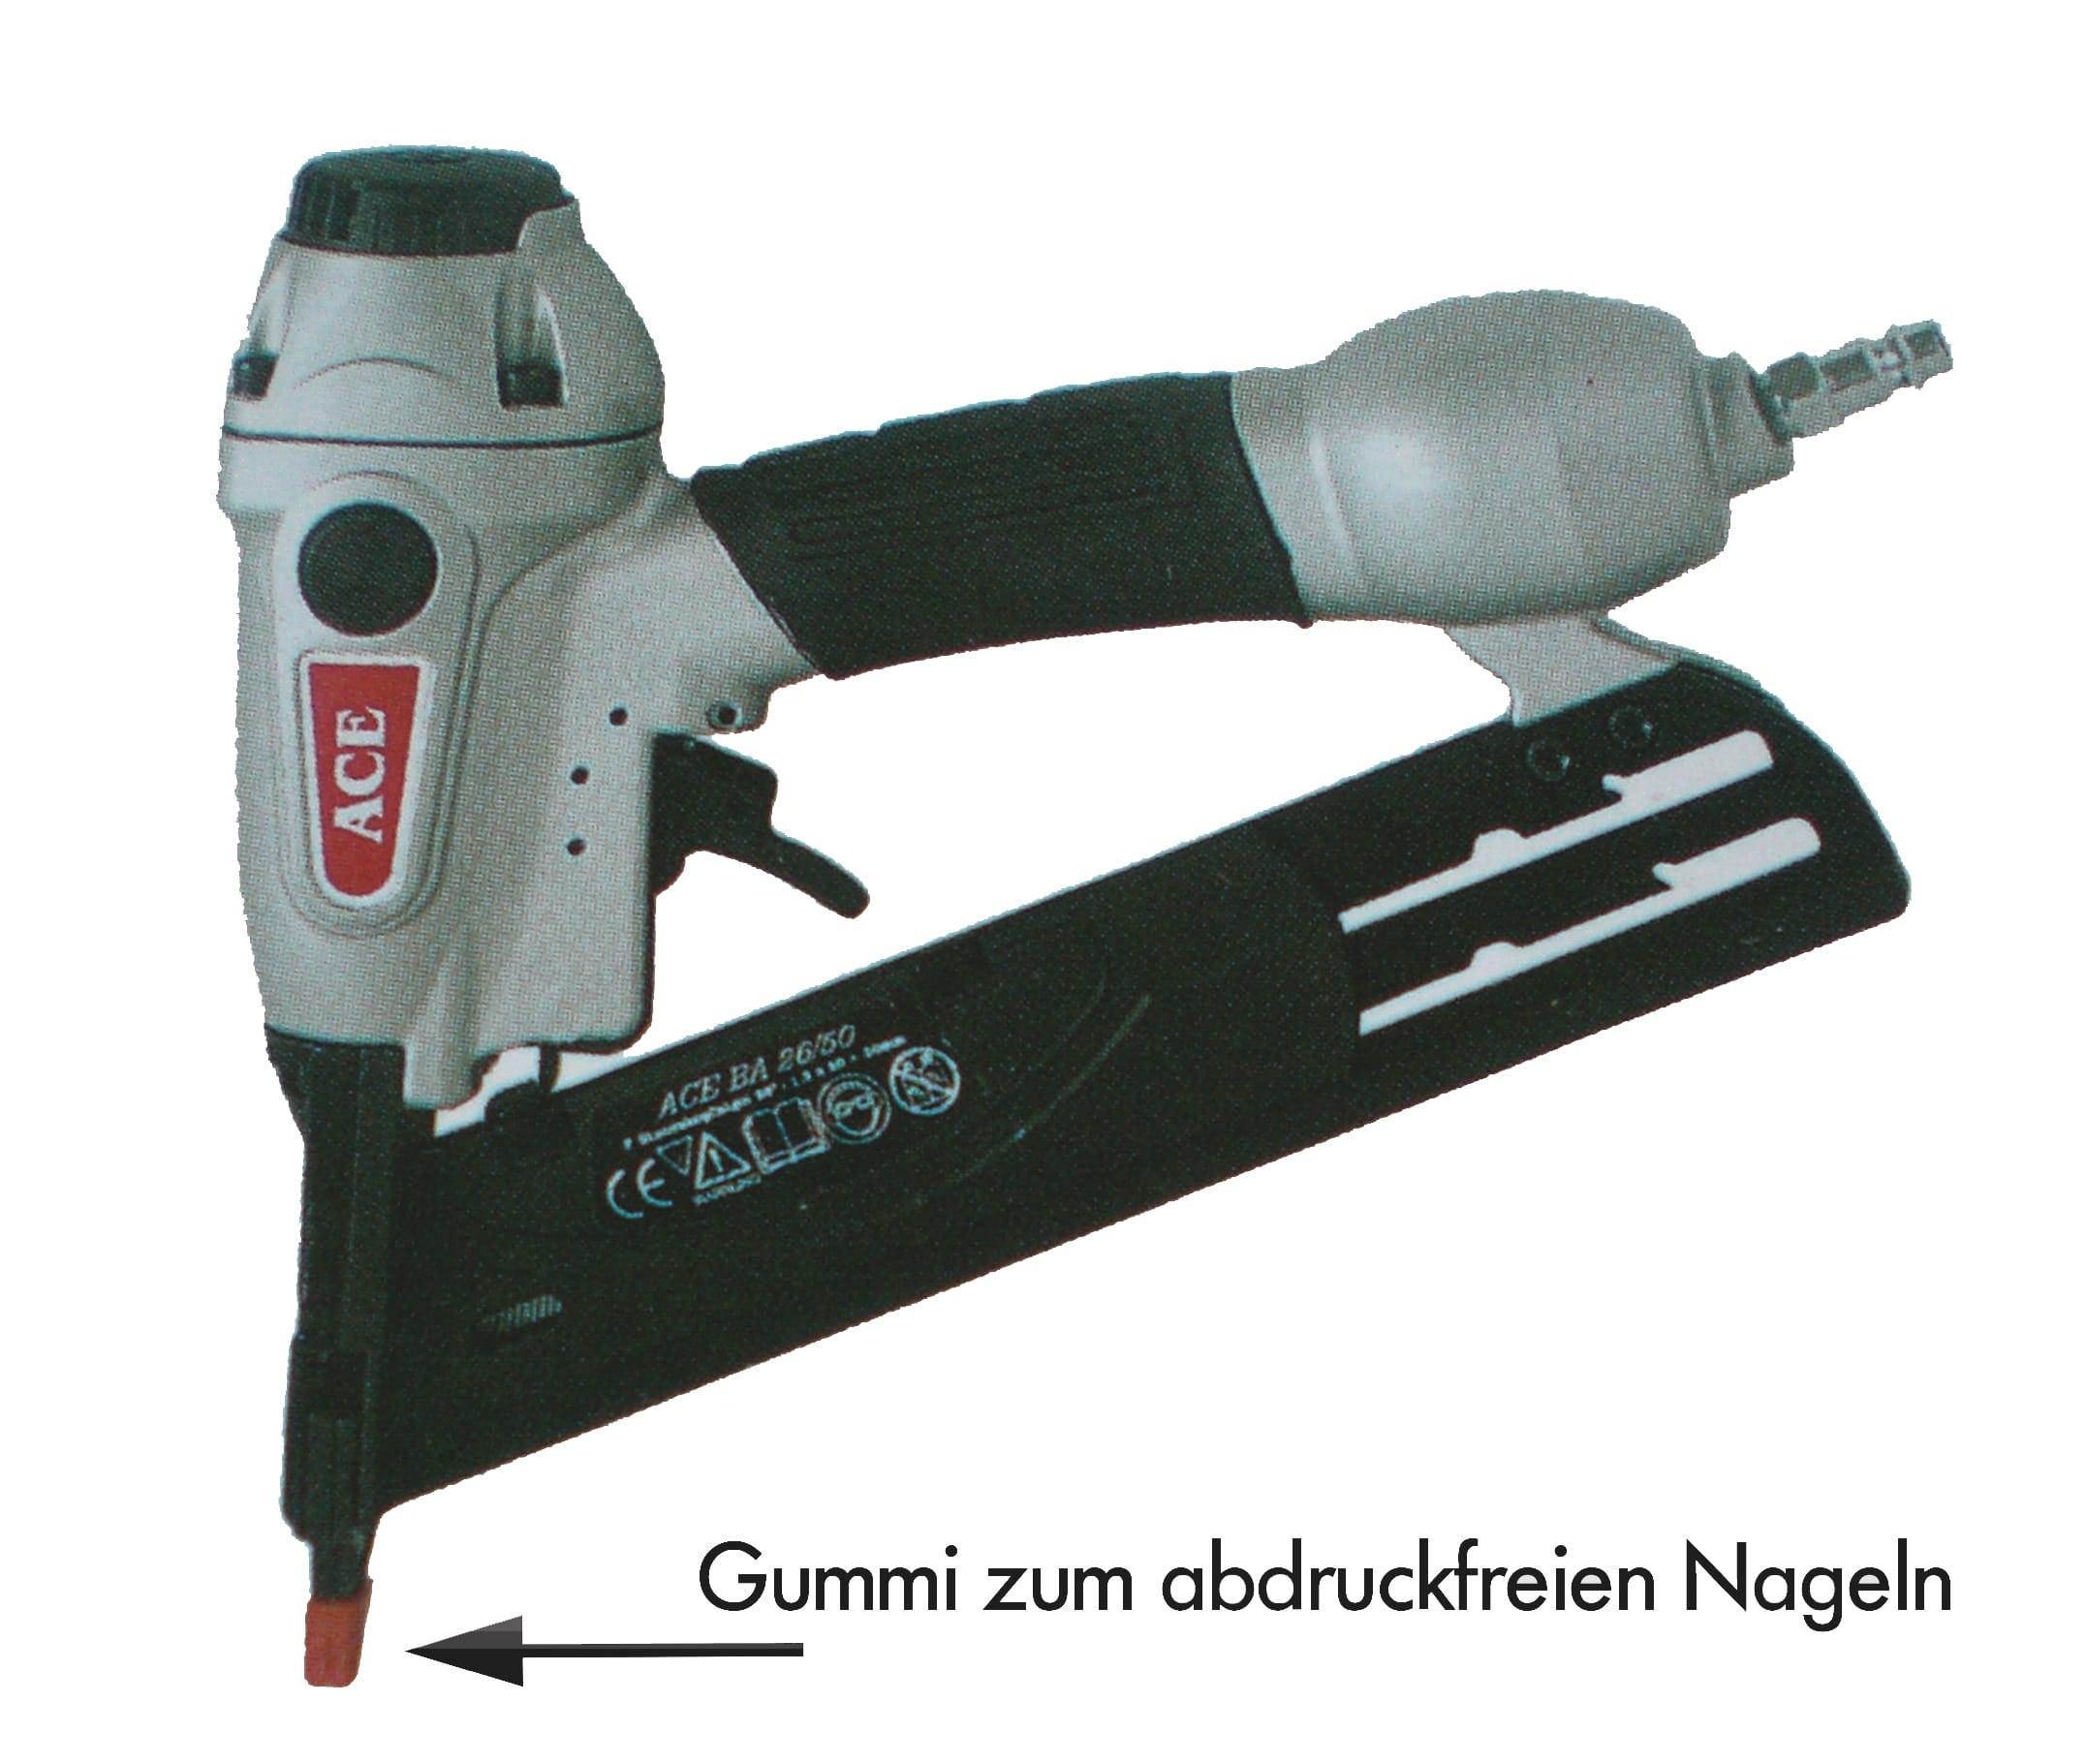 stauchkopfnagler-ba-26-50